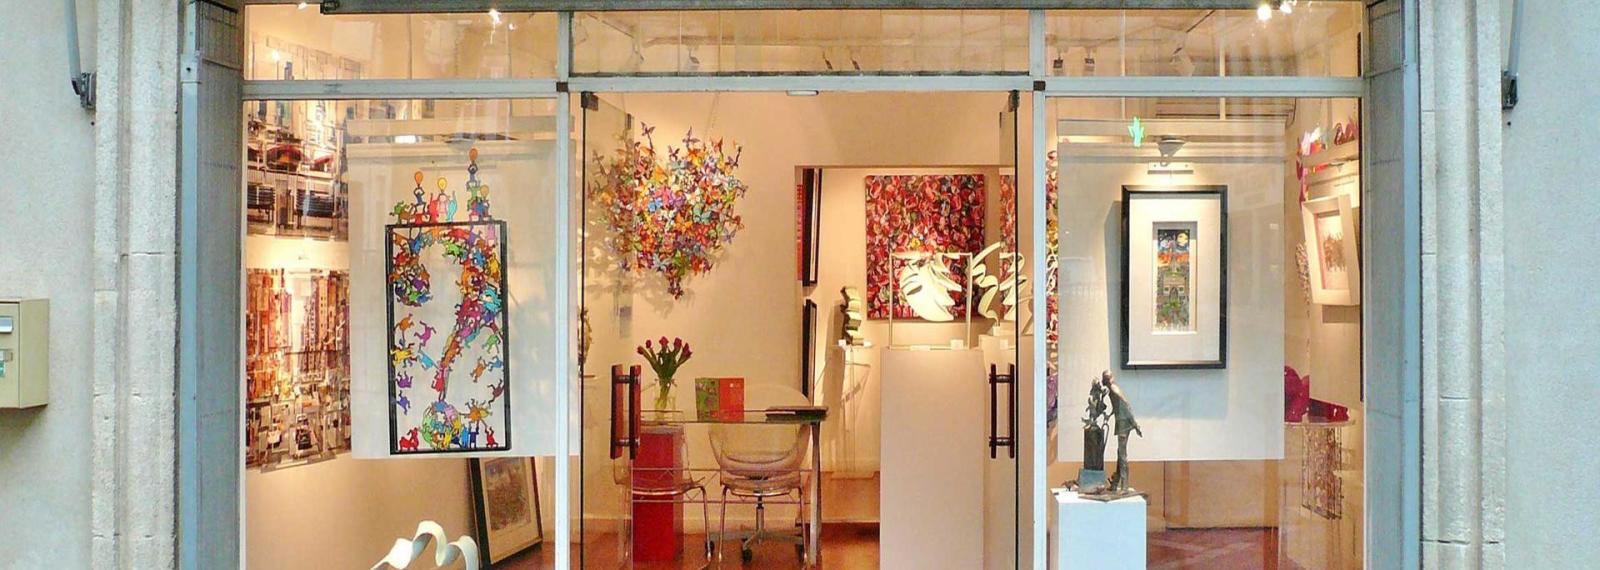 Galerie du Pharos